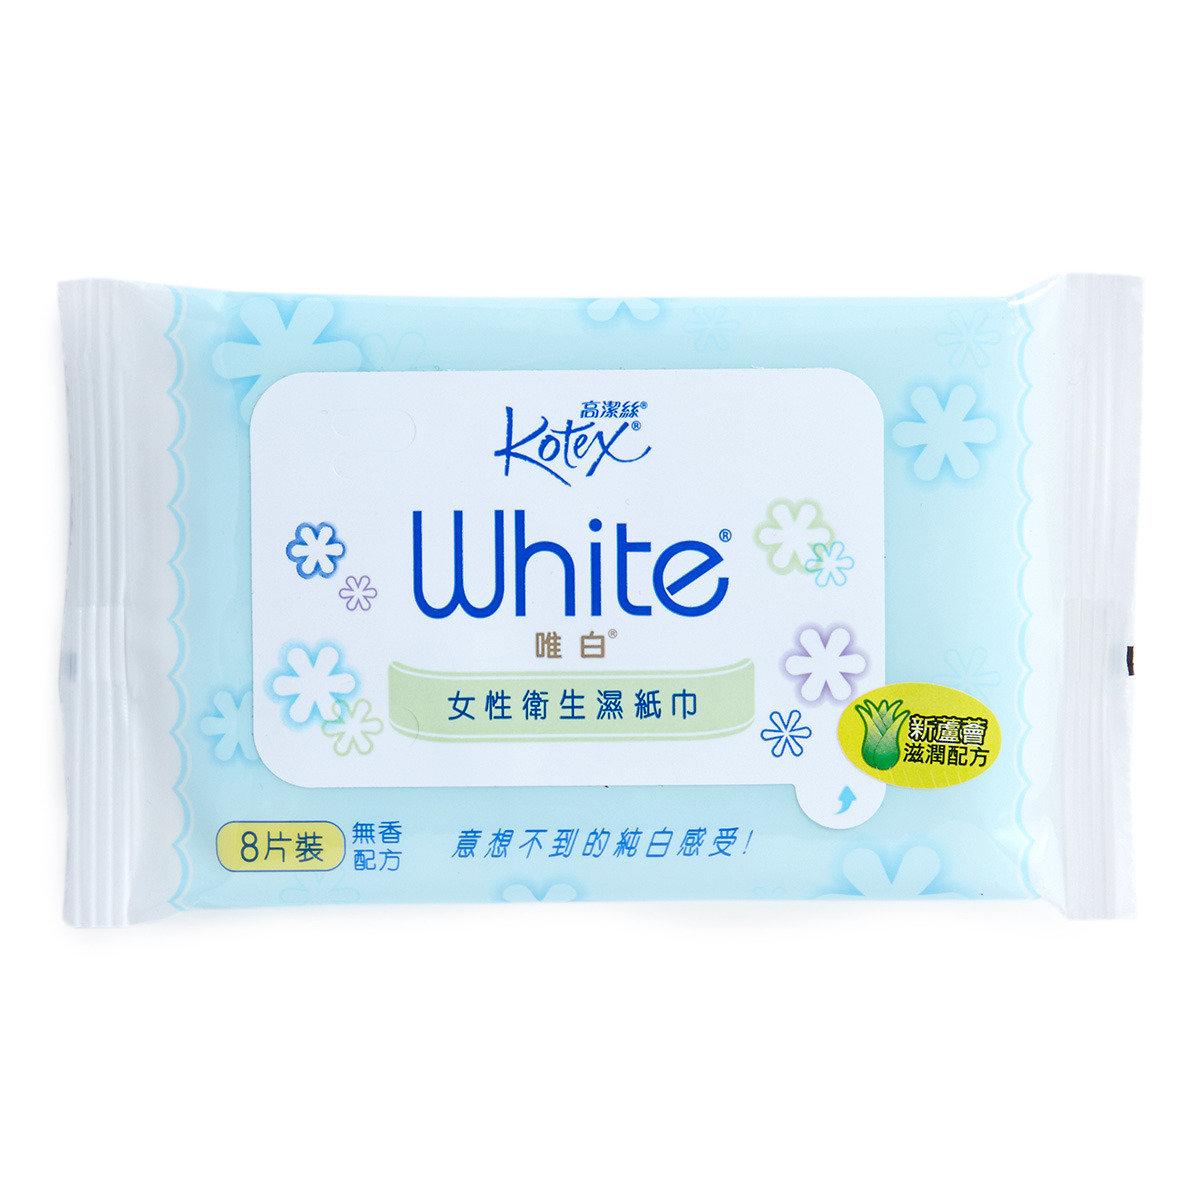 唯白女性衛生濕紙巾